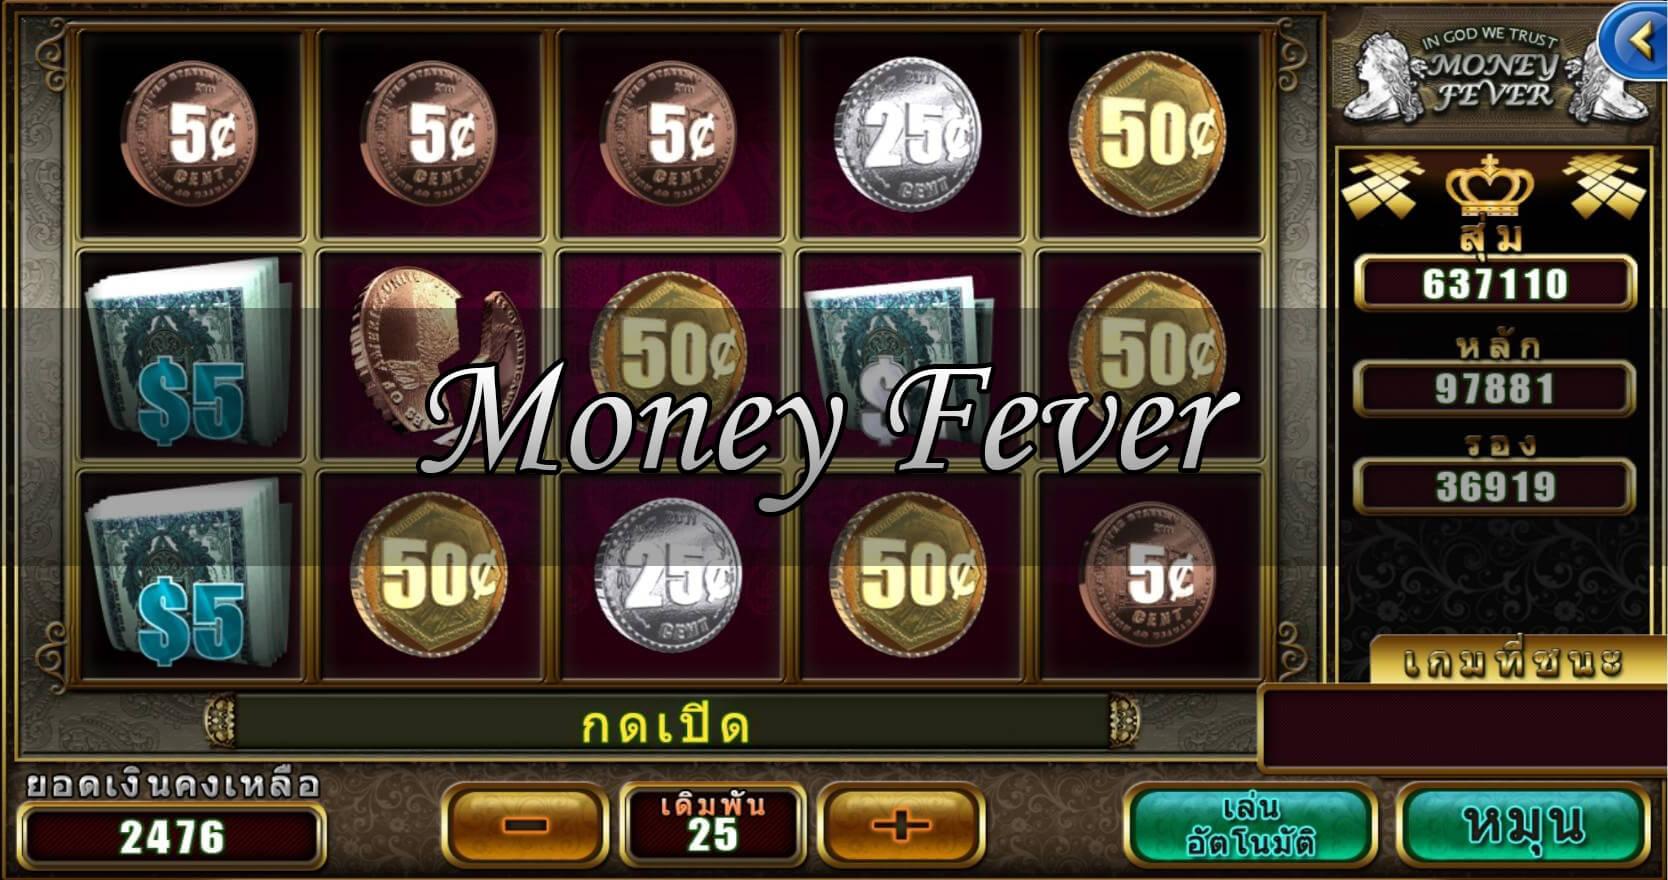 ทางเข้า gclub เล่นสล็อต Money fever เกมสล็อตน่าทำเงิน